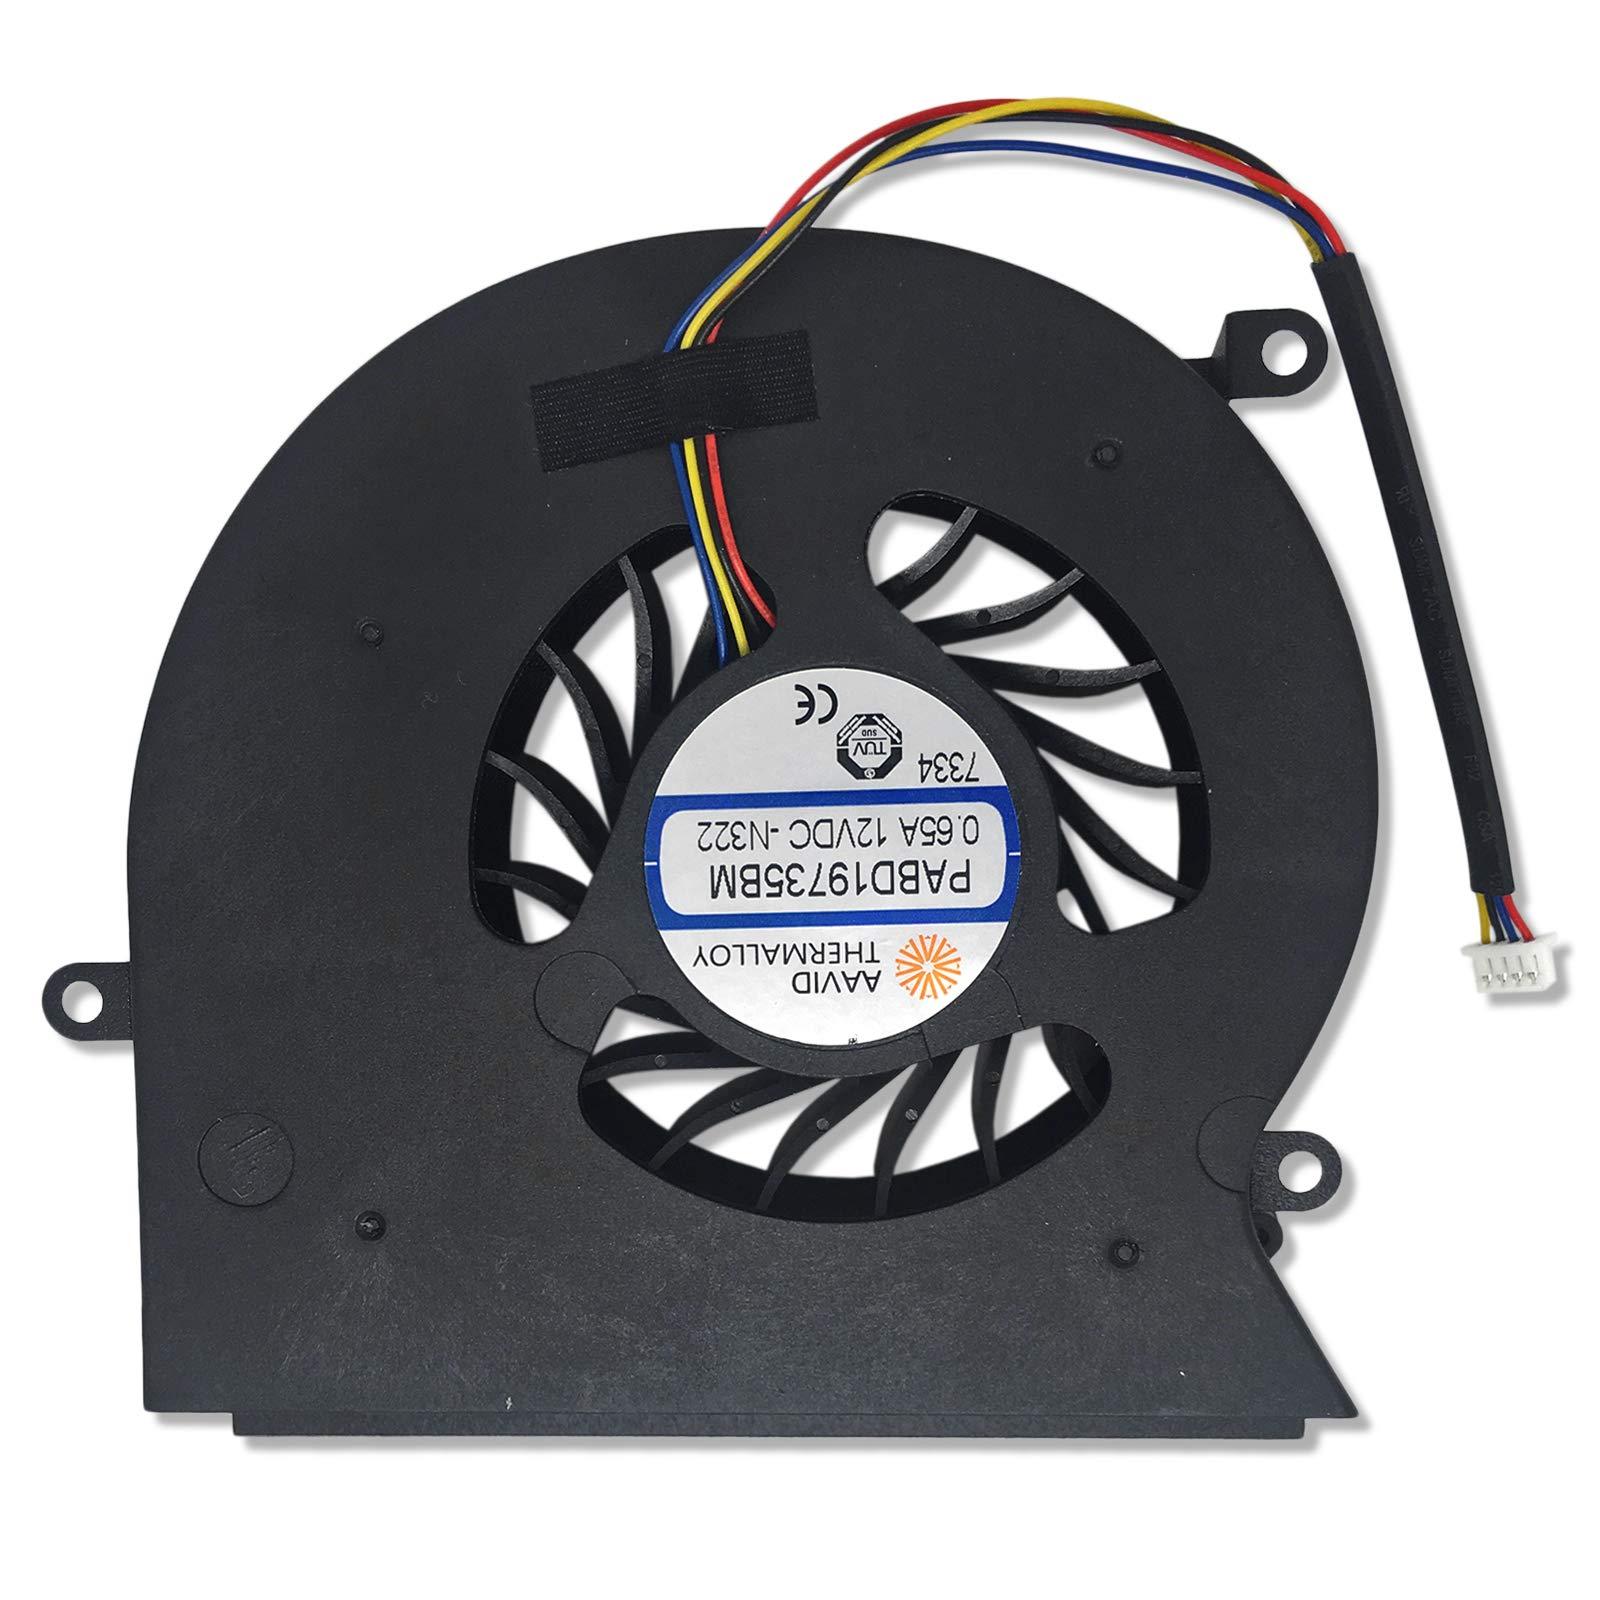 Cooler 4-pins Para Msi Gt62 Gt62vr 16l1/16l2 Pabd19735b 12v 0.65a